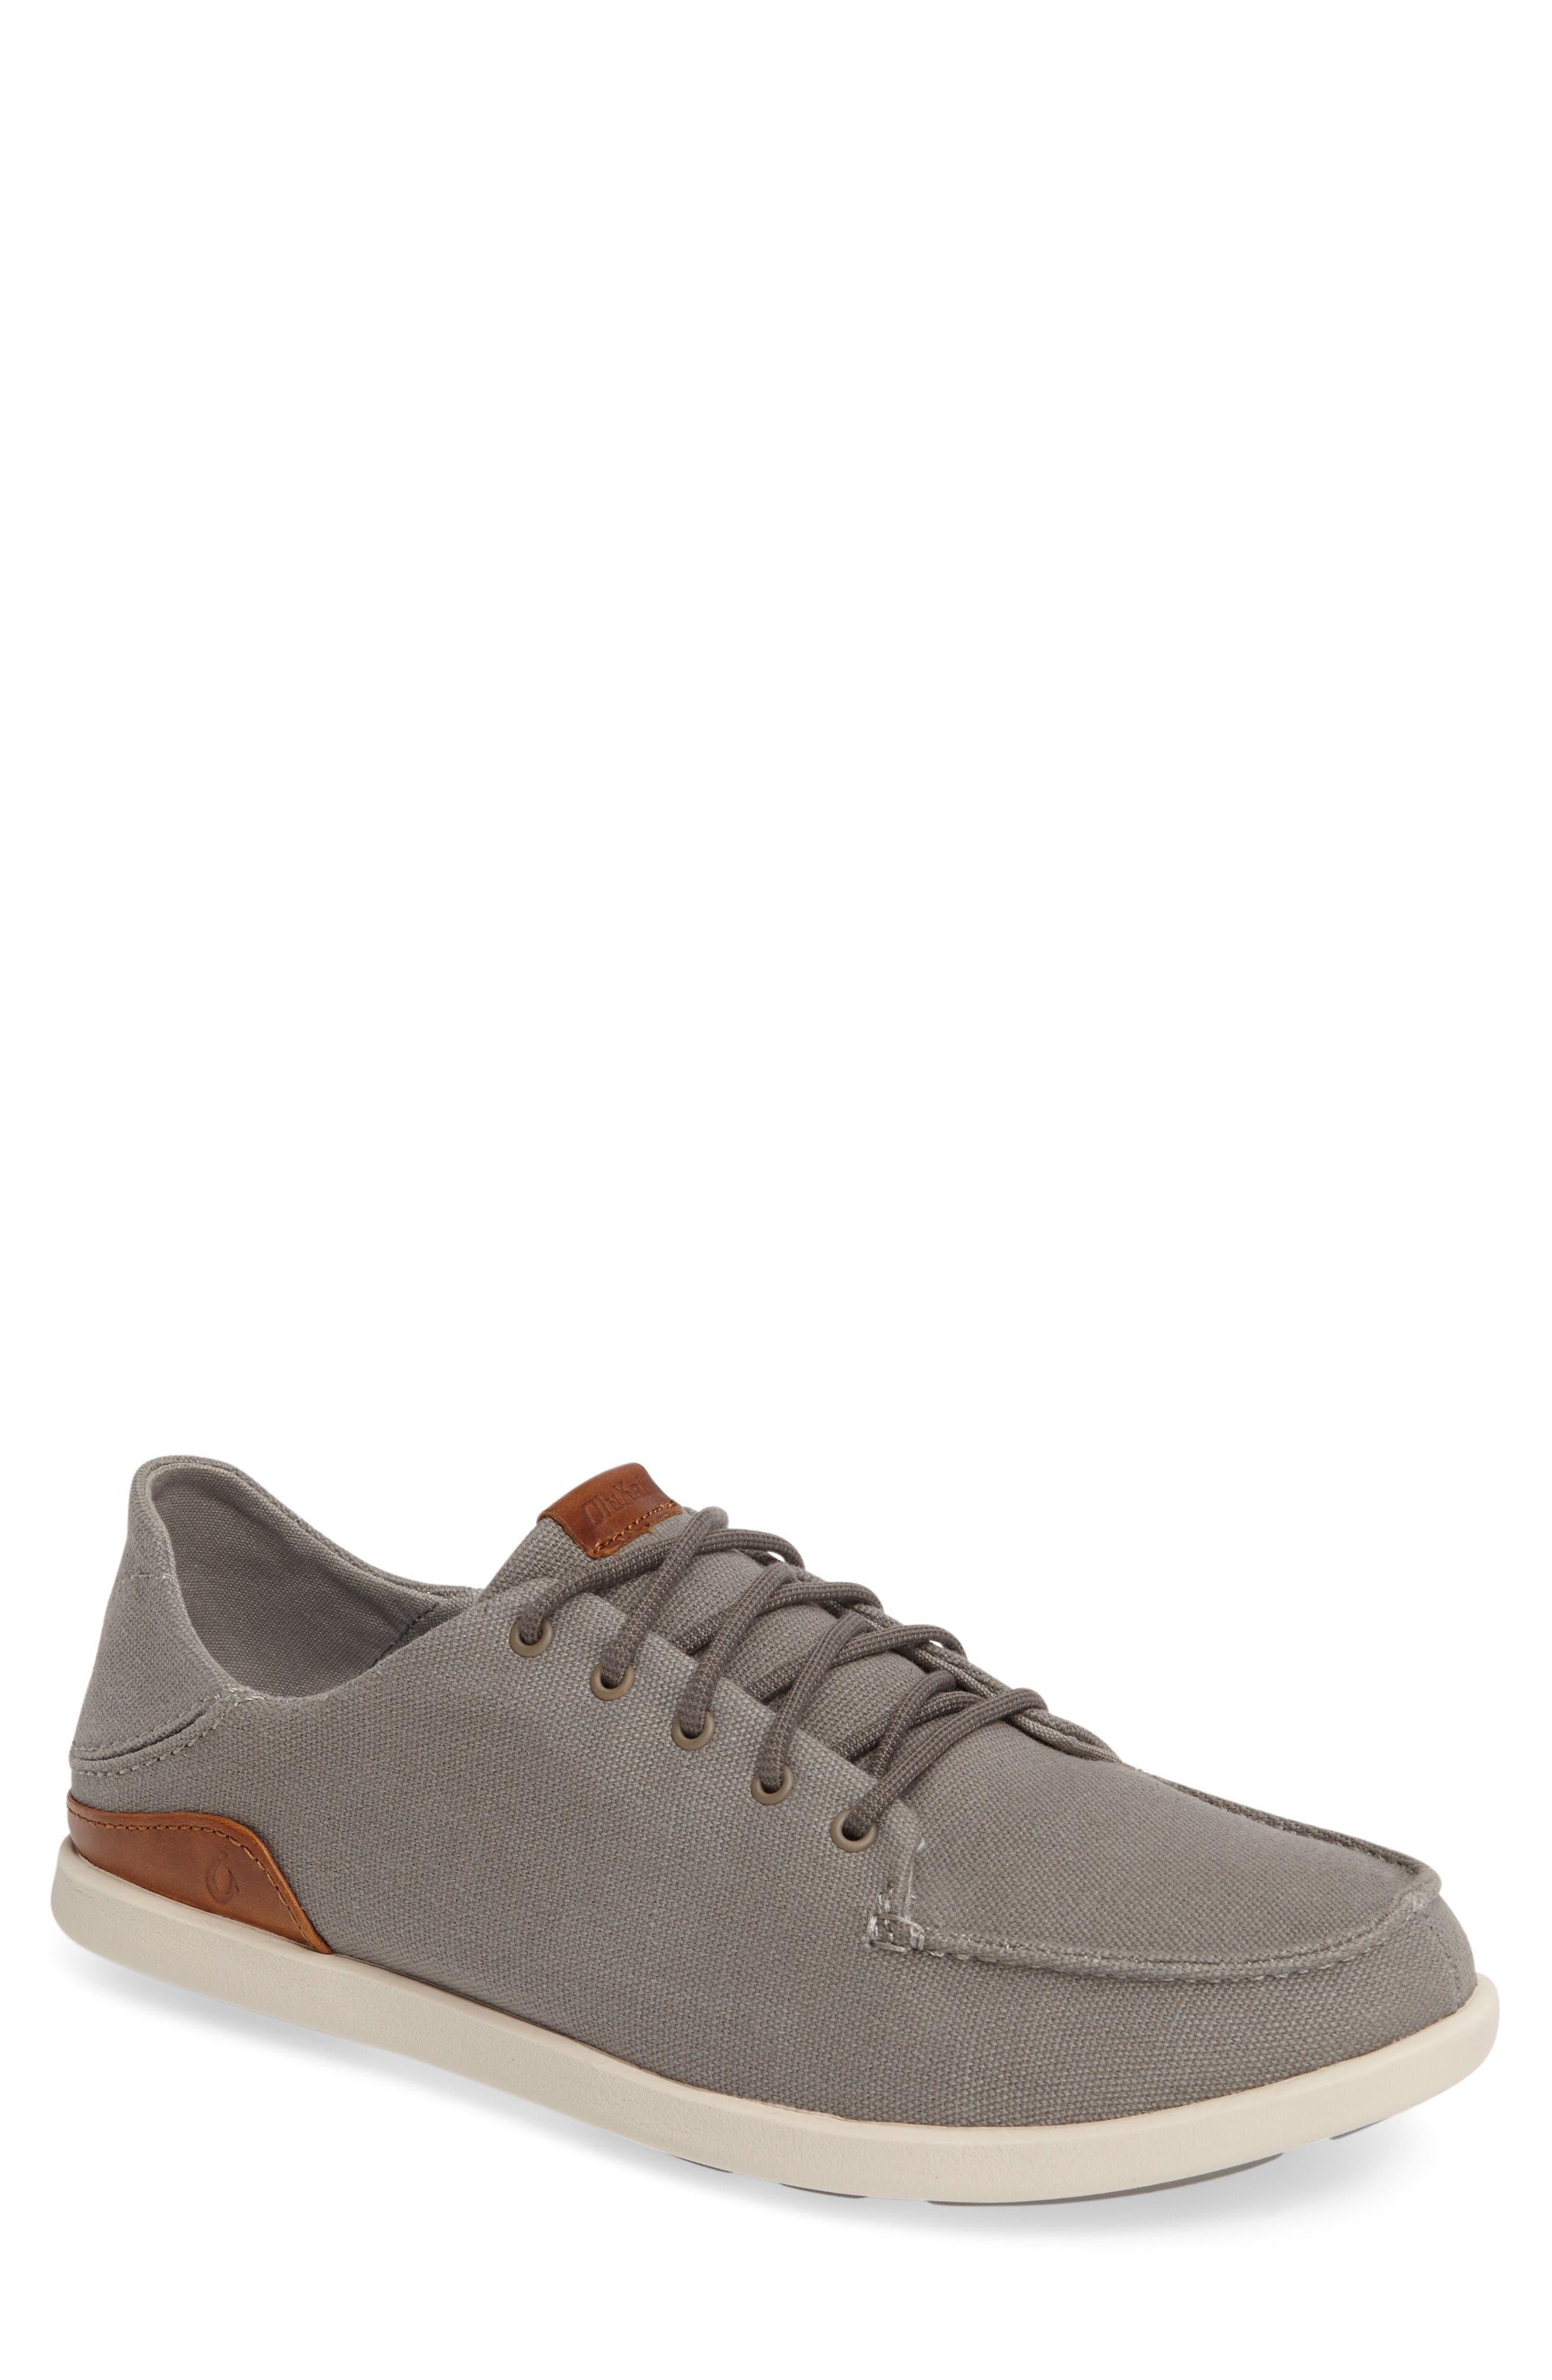 Main Image - OluKai Manoa Sneaker (Men)